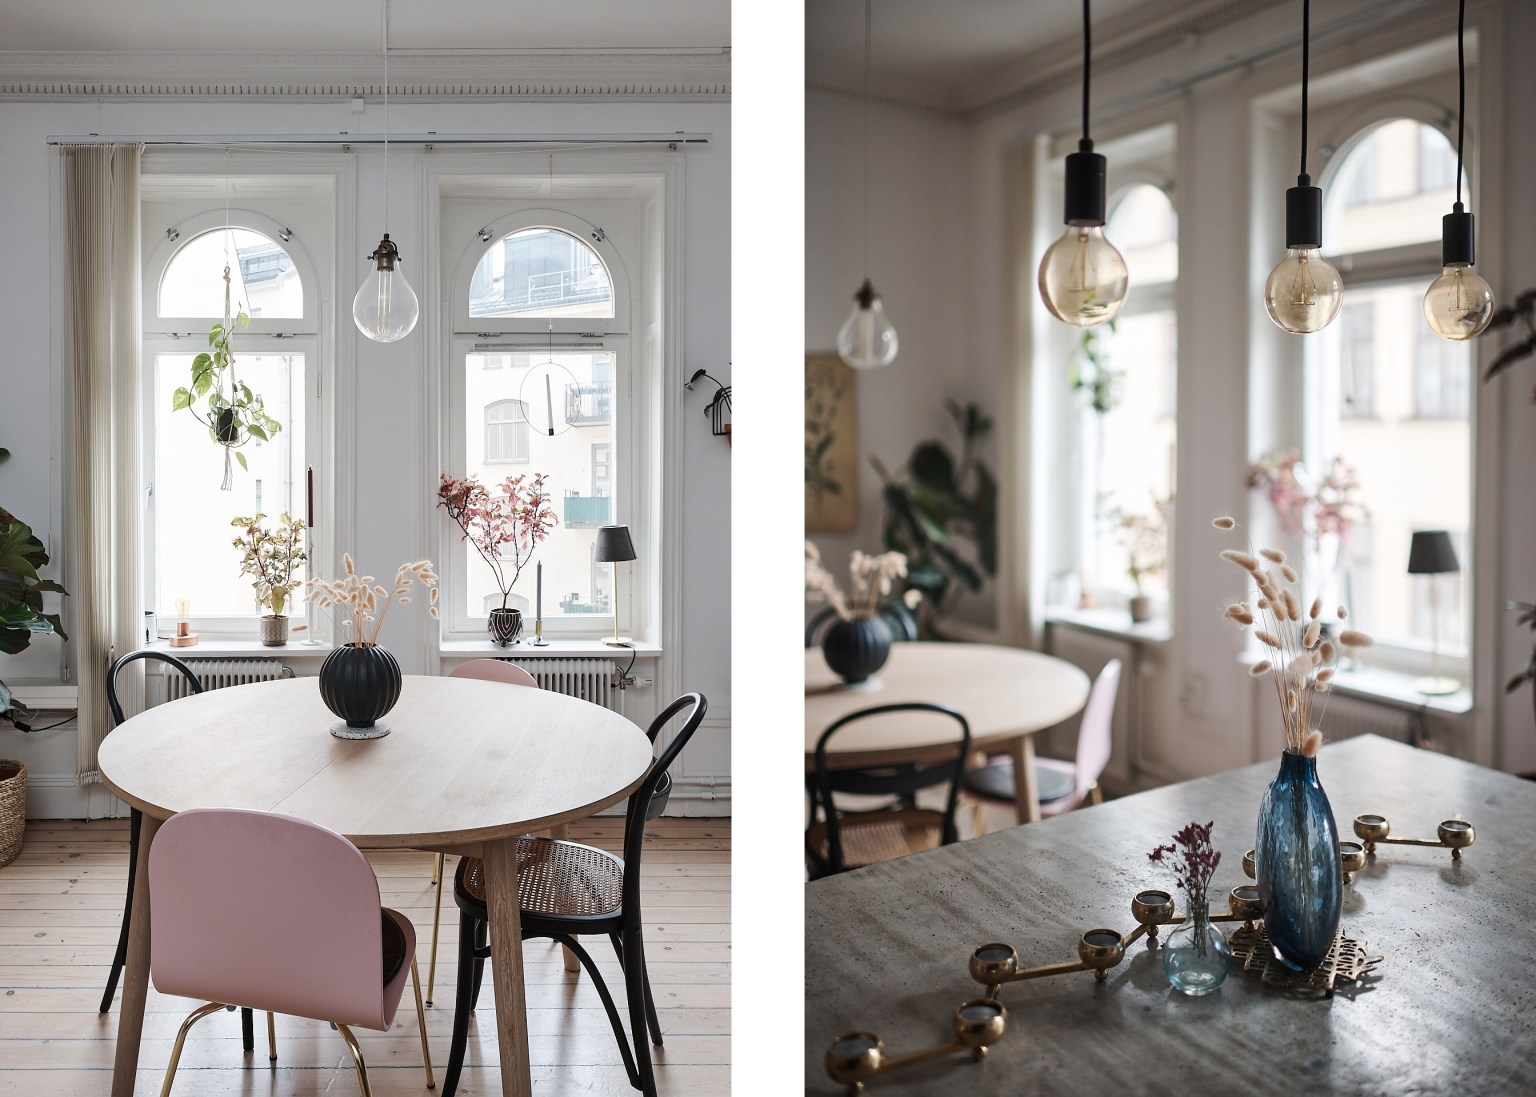 Căn hộ 58m² đẹp tinh tế nhờ phối màu tinh tế theo phong cách Scandinavian - Ảnh 6.